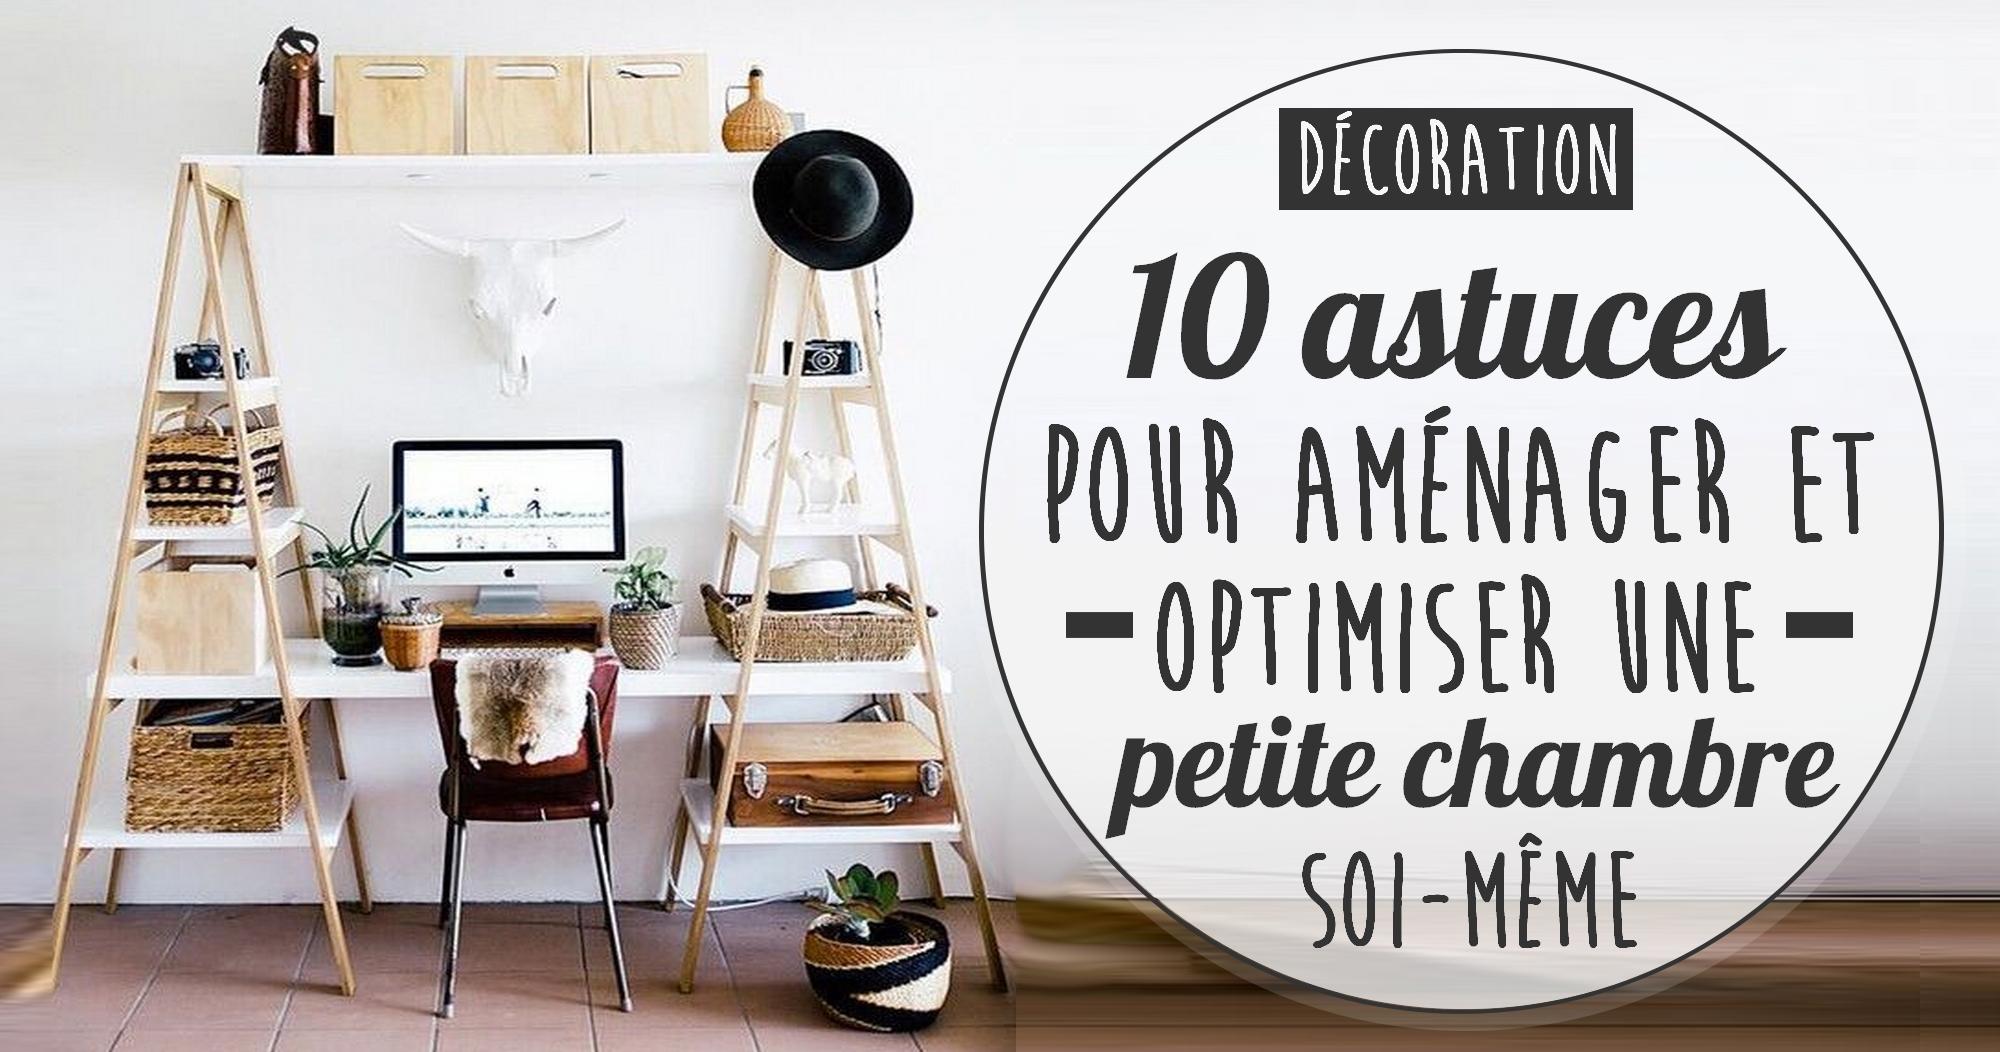 10 astuces pour aménager et gagner de l'espace dans une petite